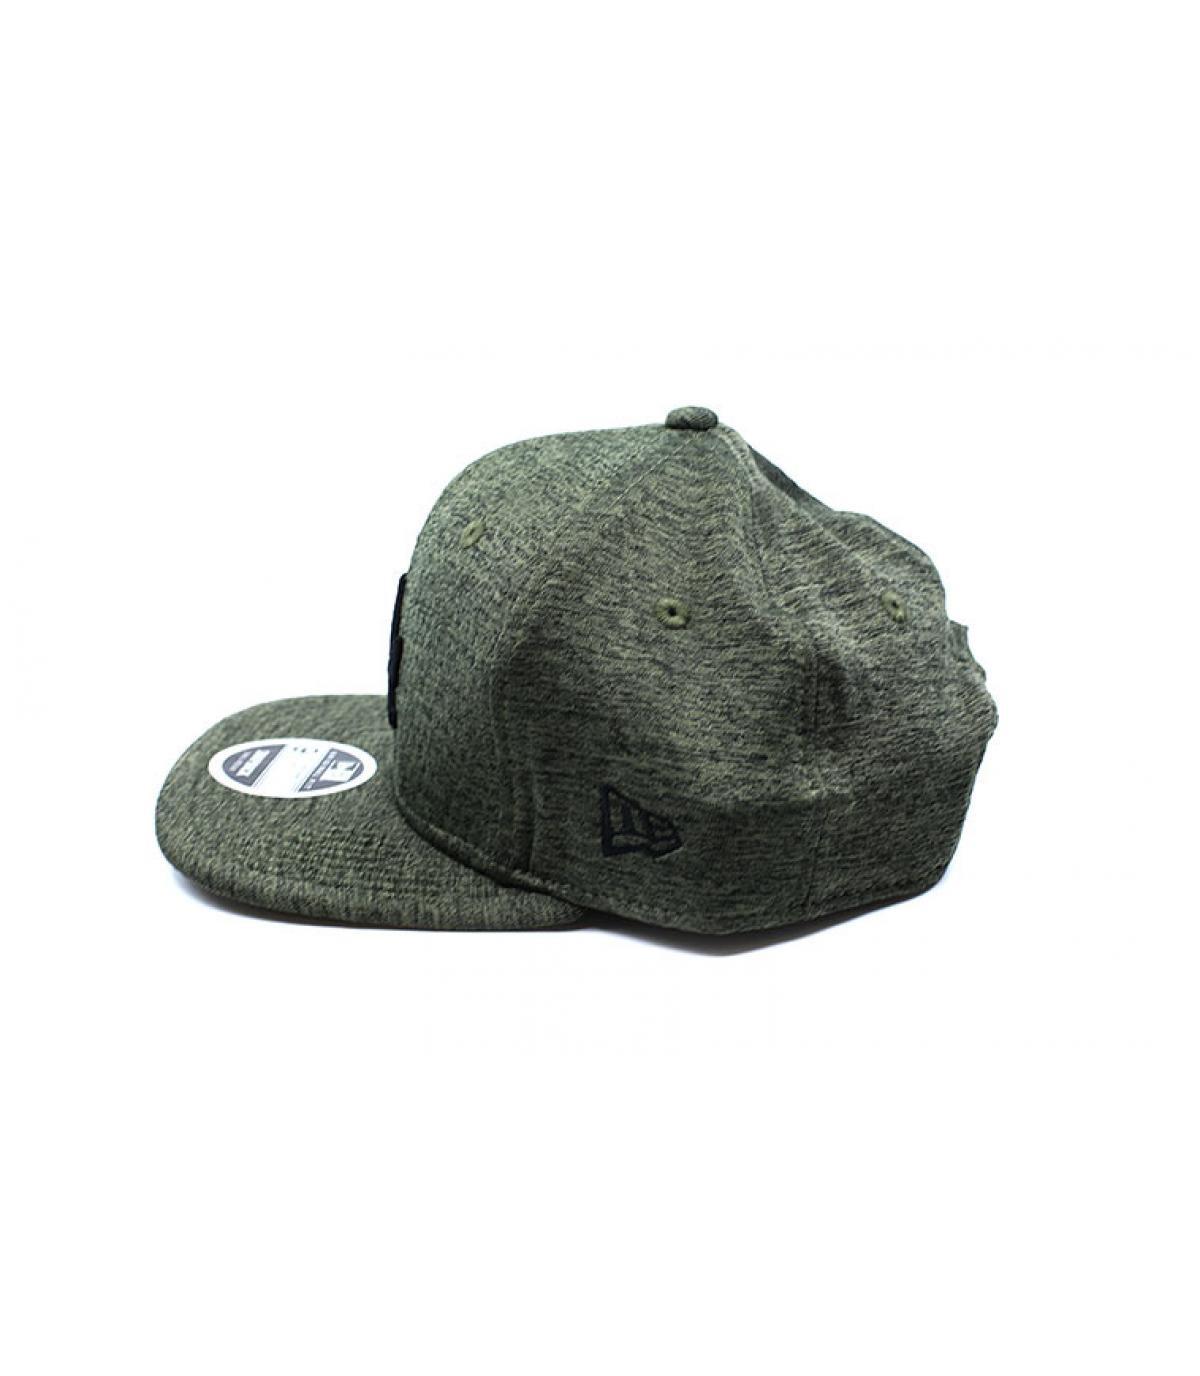 Détails Snapback Dryswitch Jersey 9Fifty LA olive black - image 4